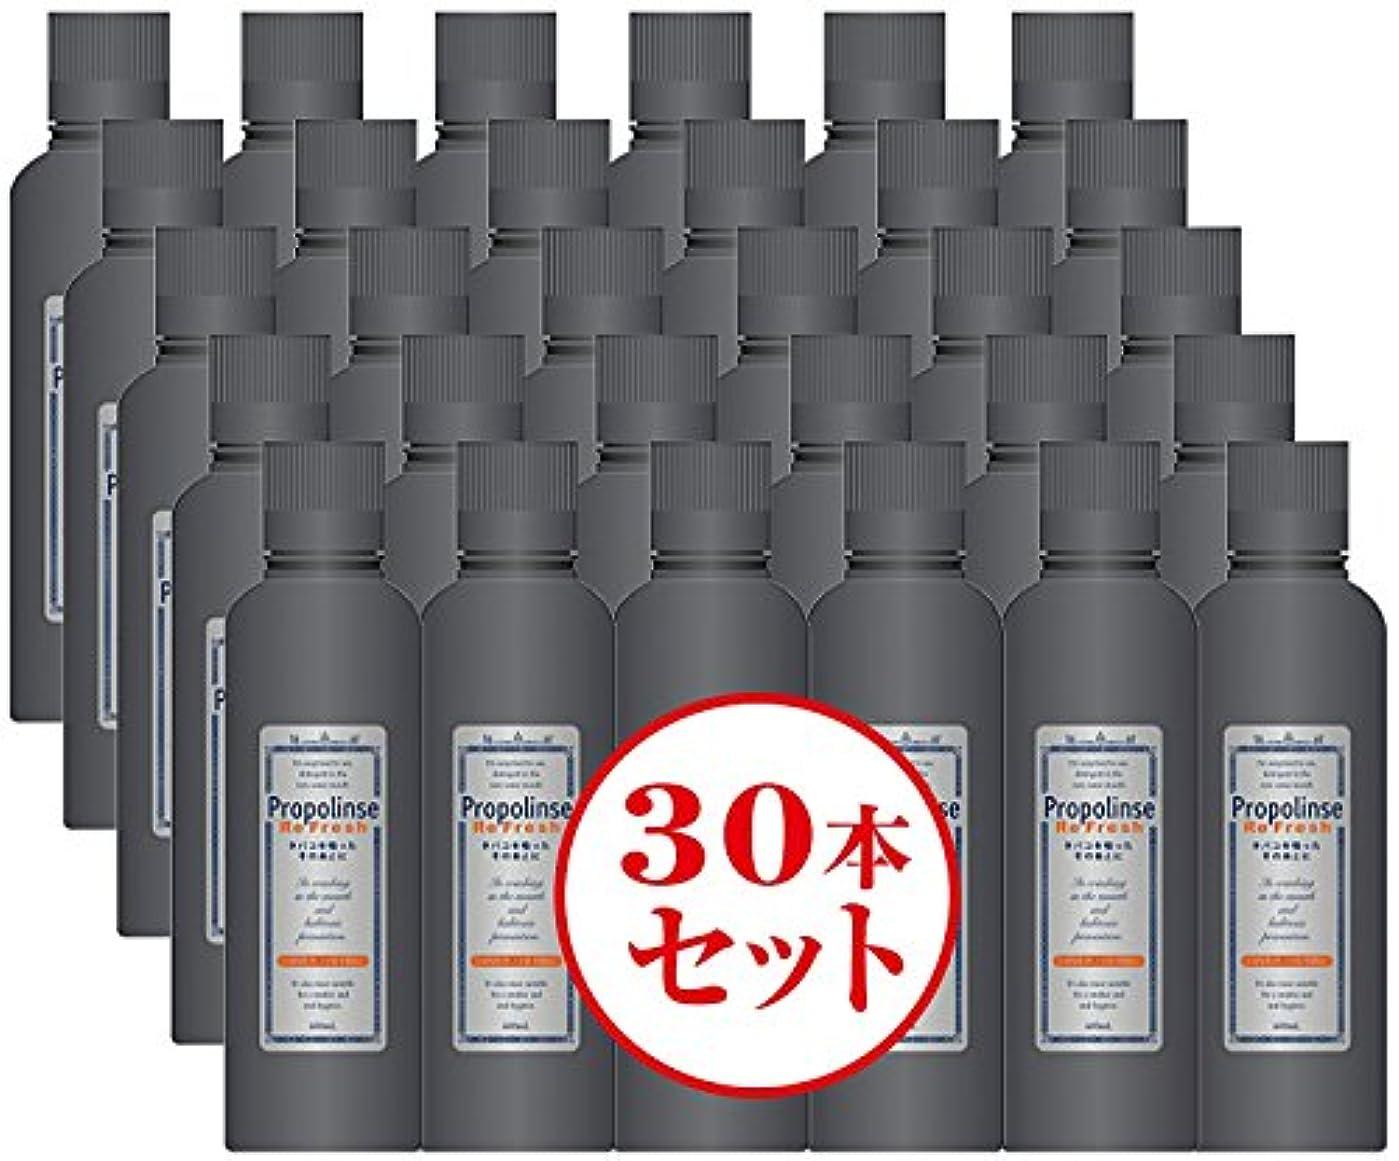 接辞考慮材料プロポリンス タバコ用600ml×30本